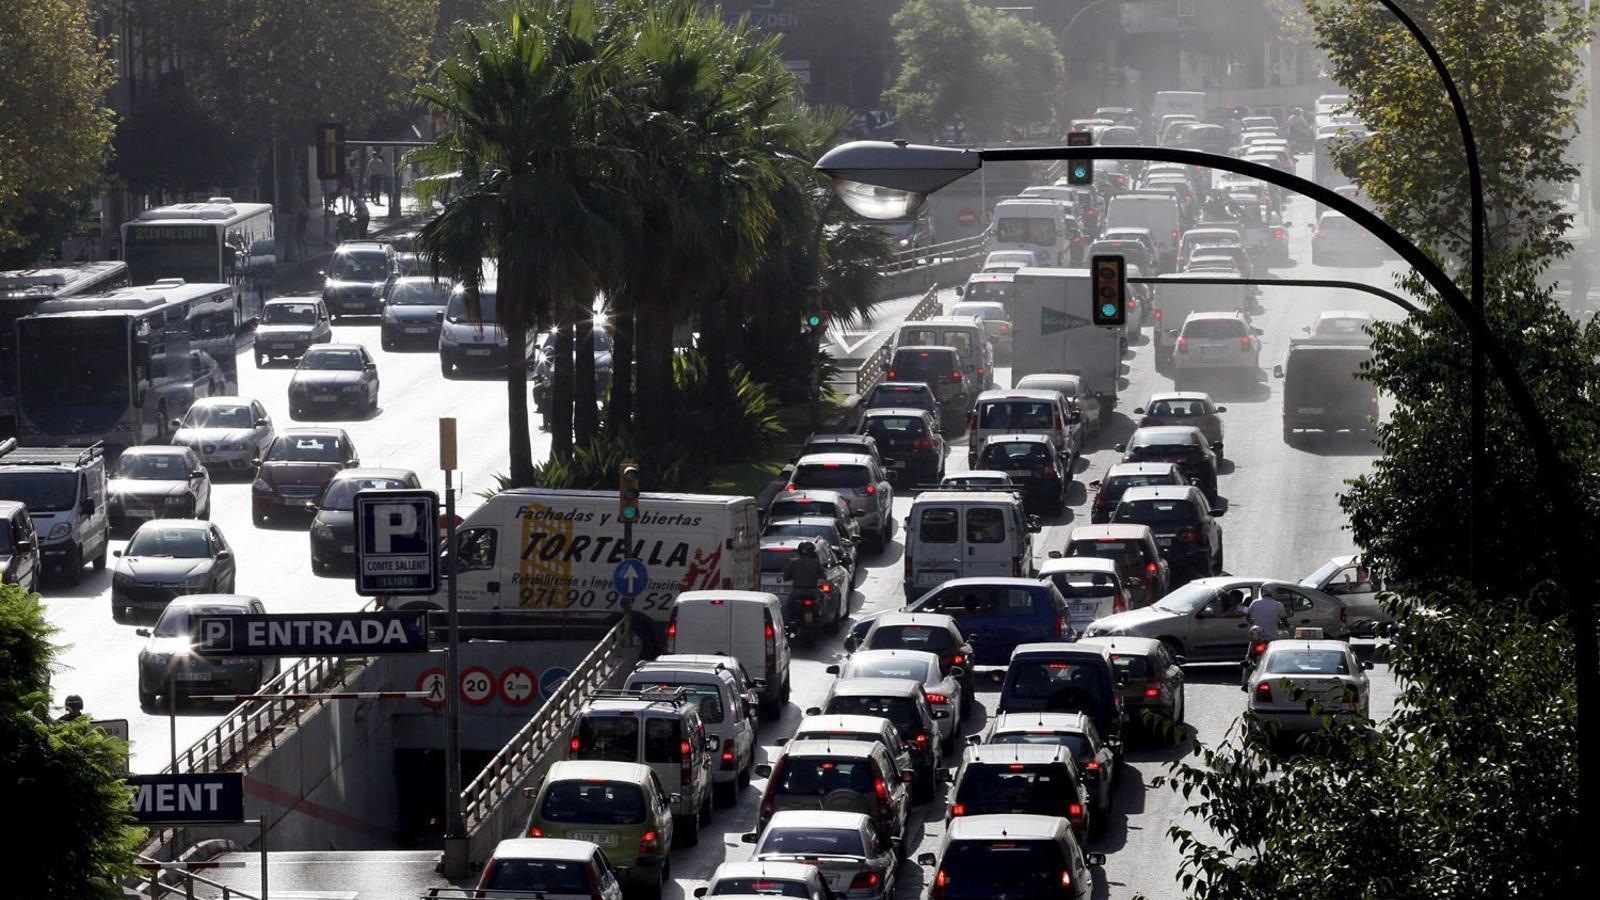 A partir de 2025, no podran entrar cotxes dièsel a les Illes Balears.